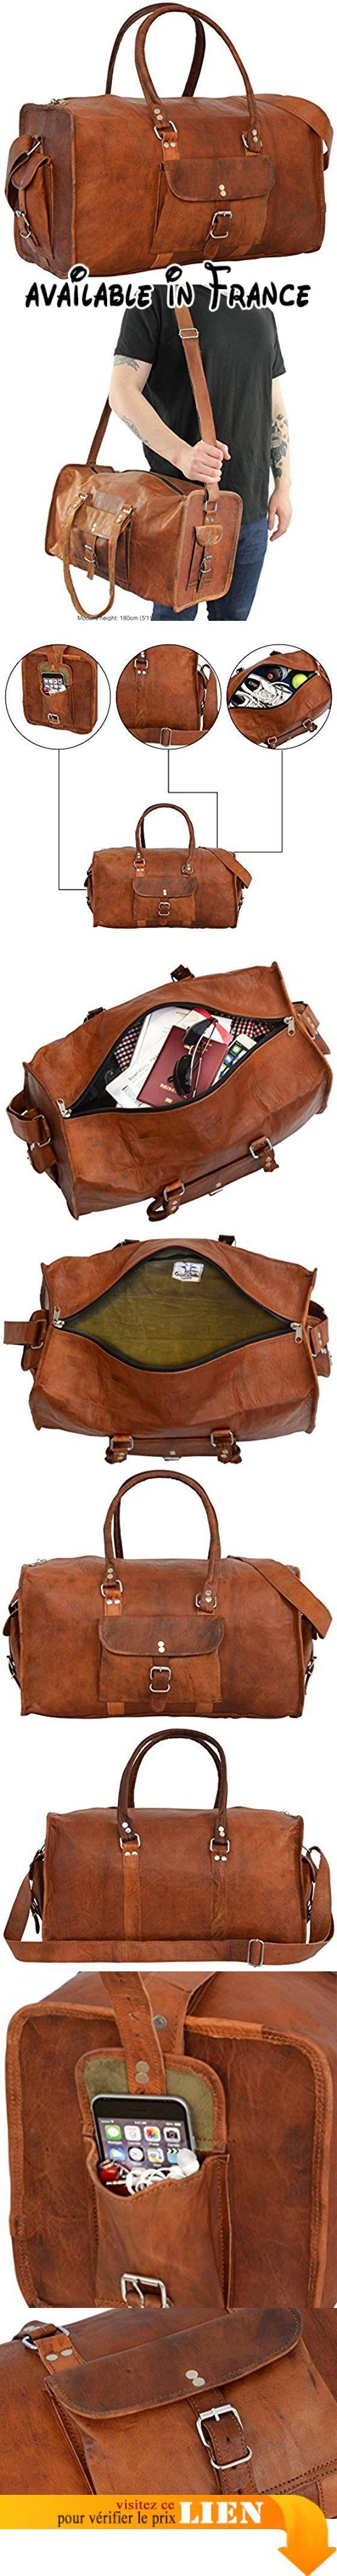 B005RZZQUM   Sac de voyage - Gusti Cuir nature Henry bagage cabine vintage  sac à bandoulière rétro bagage à main homme femme cuir de chèvre marron … c6b87fe1b4e